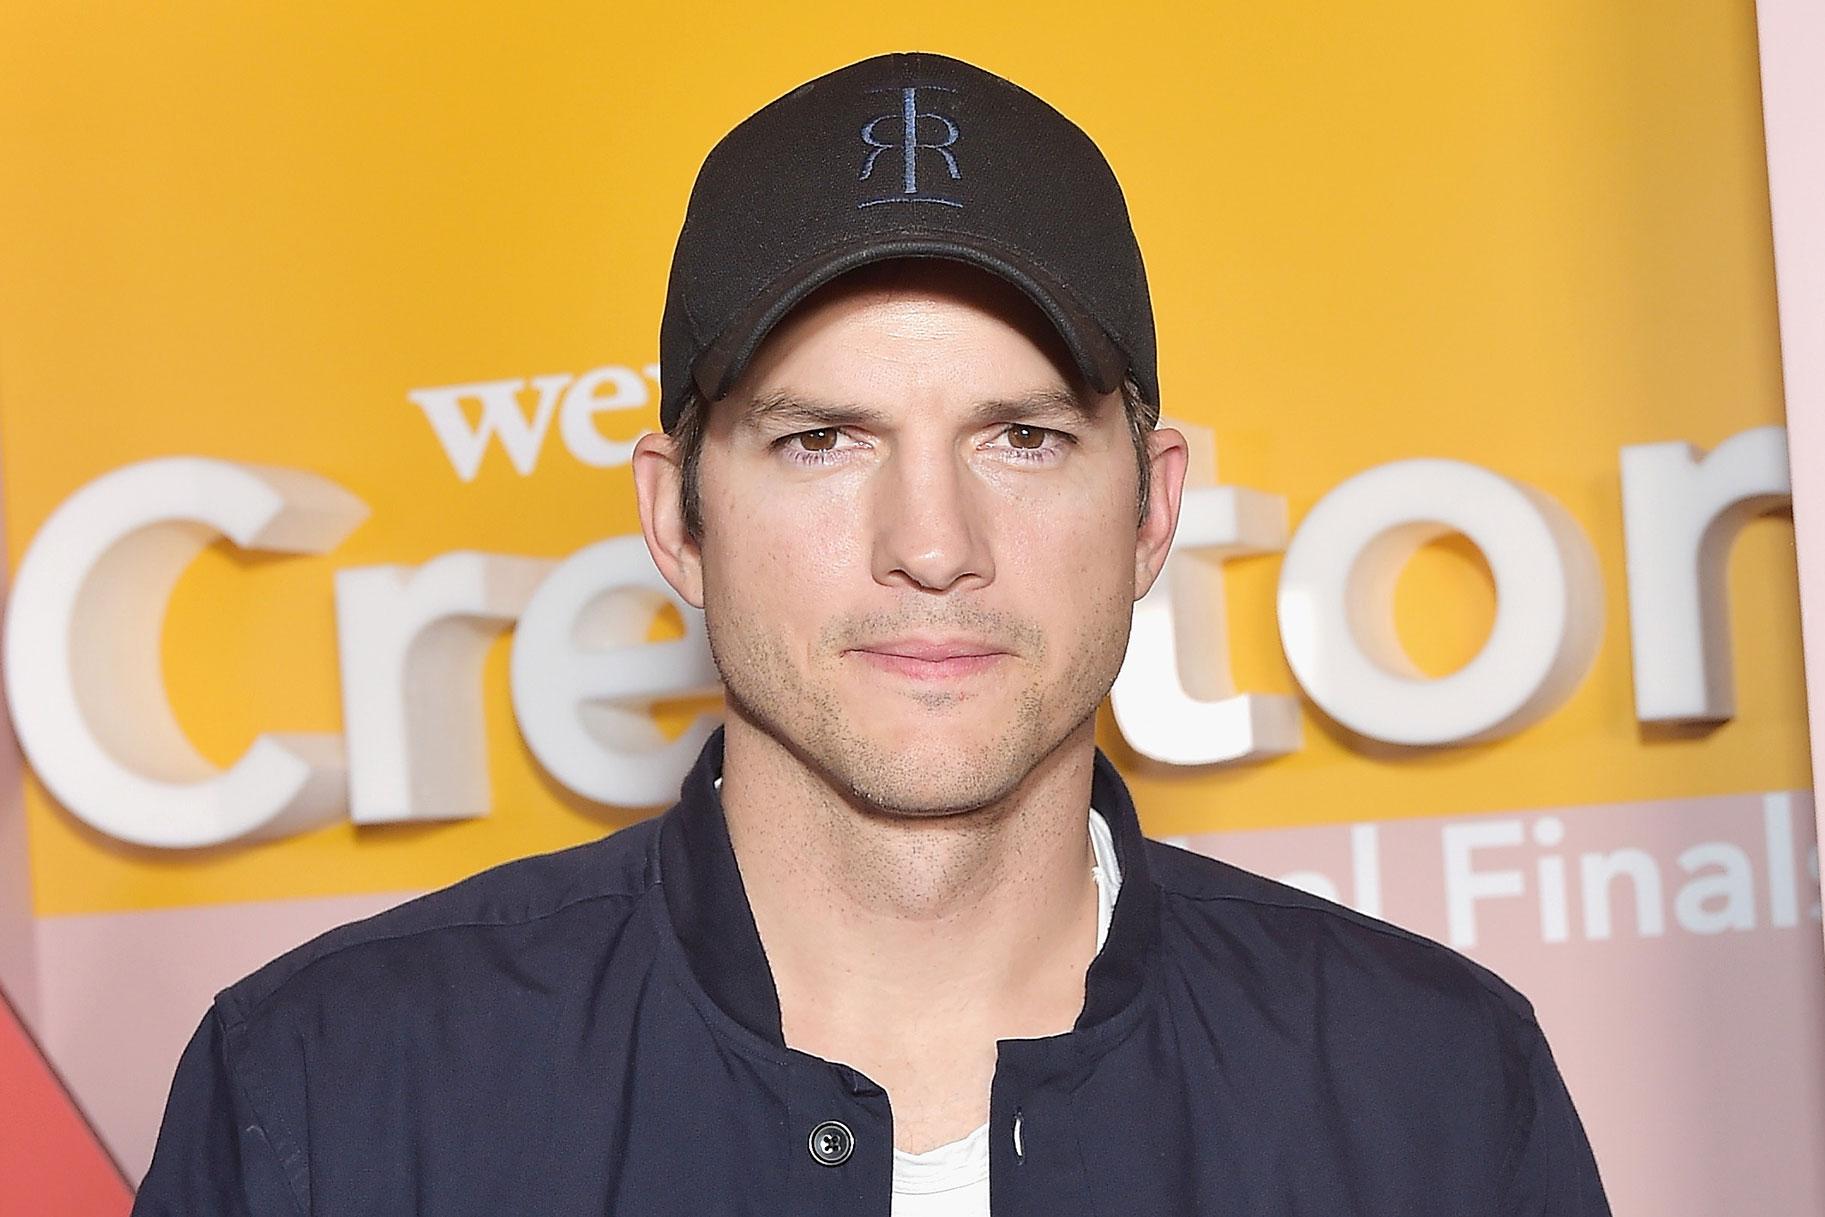 «Ήμουν Freaking Out», μαρτυρεί η Ashton Kutcher στη δοκιμή «Hollywood Ripper» σχετικά με την εκμάθηση του Brutal Murder του Friend